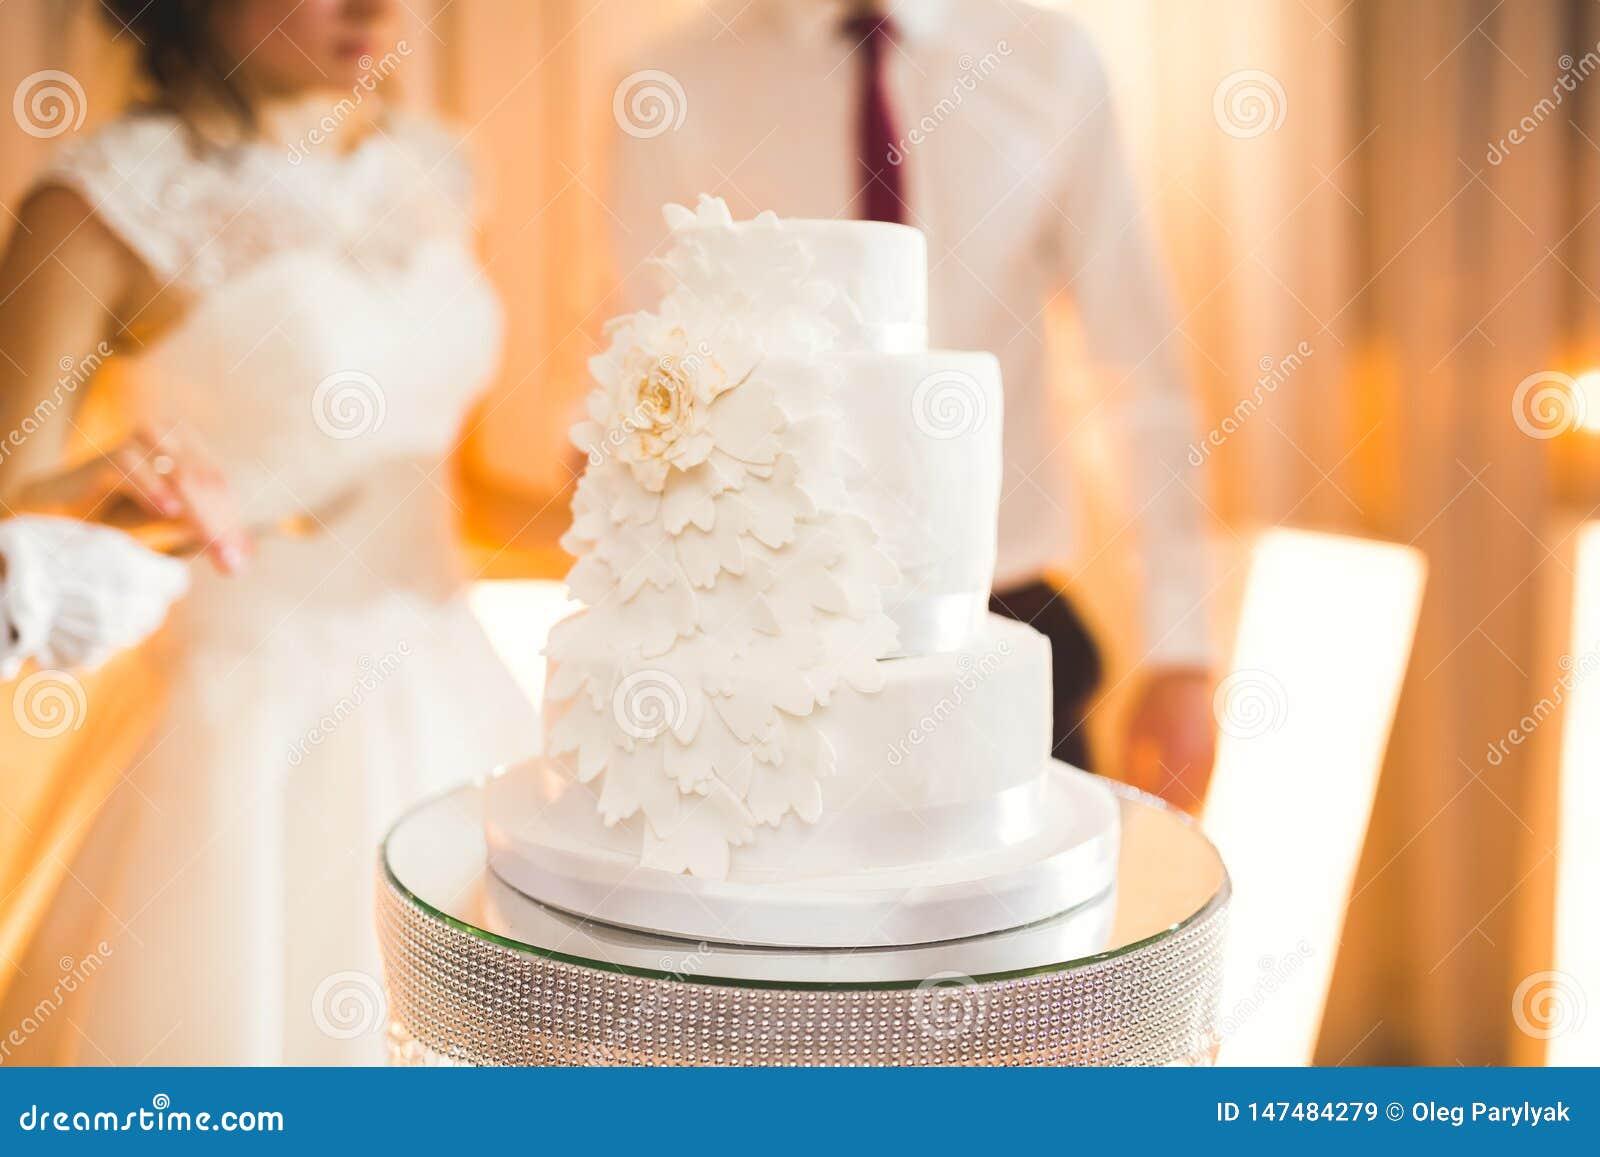 Luxus verzierte Hochzeitstorte auf dem Tisch